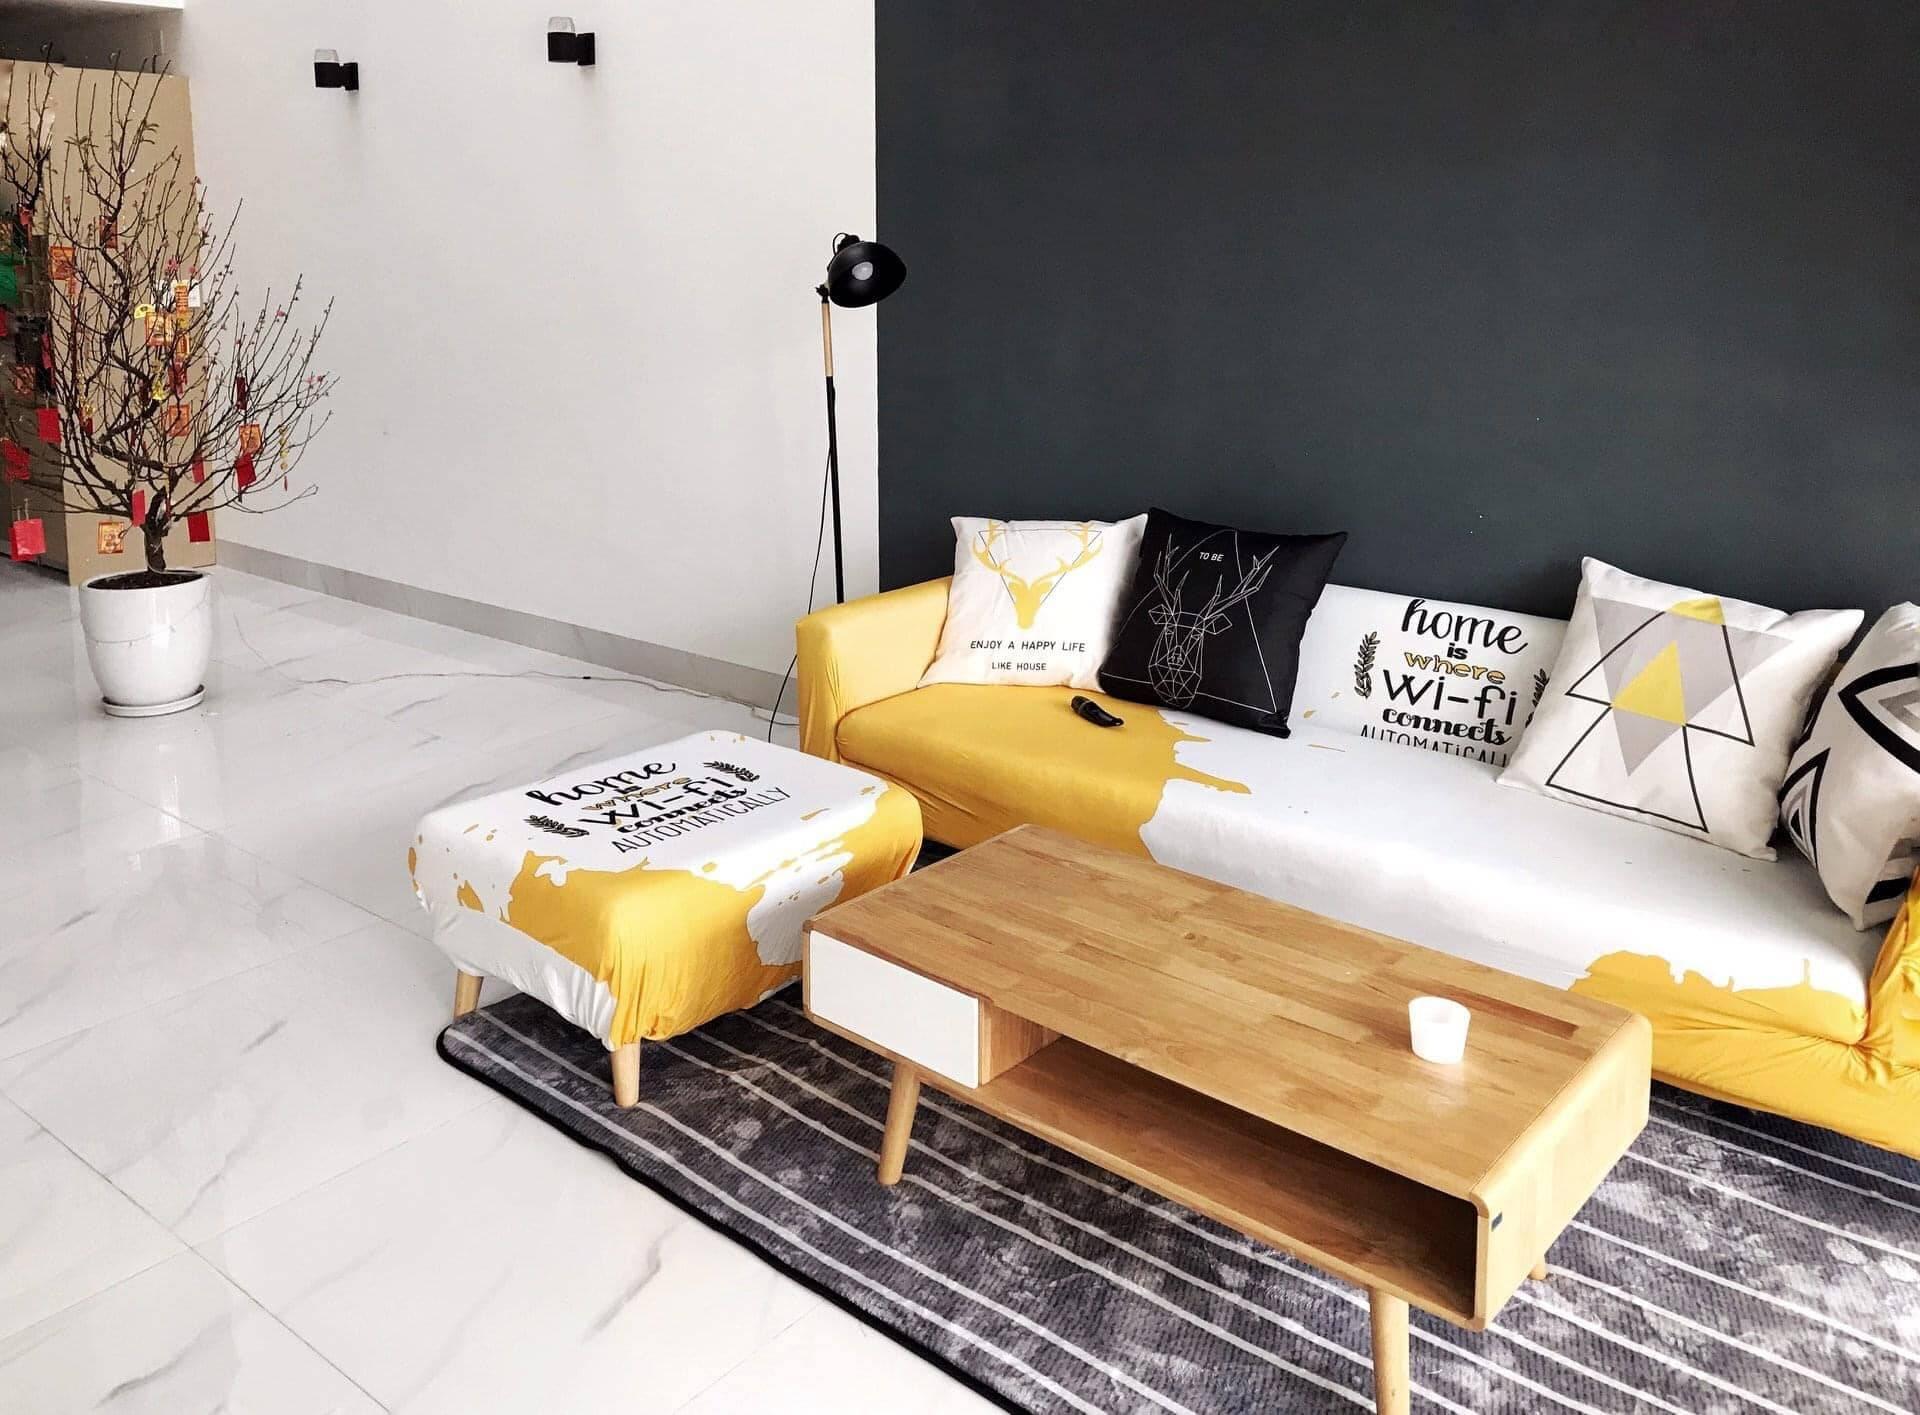 Bộ sofa được bọc với họa tiết độc đáo, mang đến sự sinh động hơn cho phòng khách.